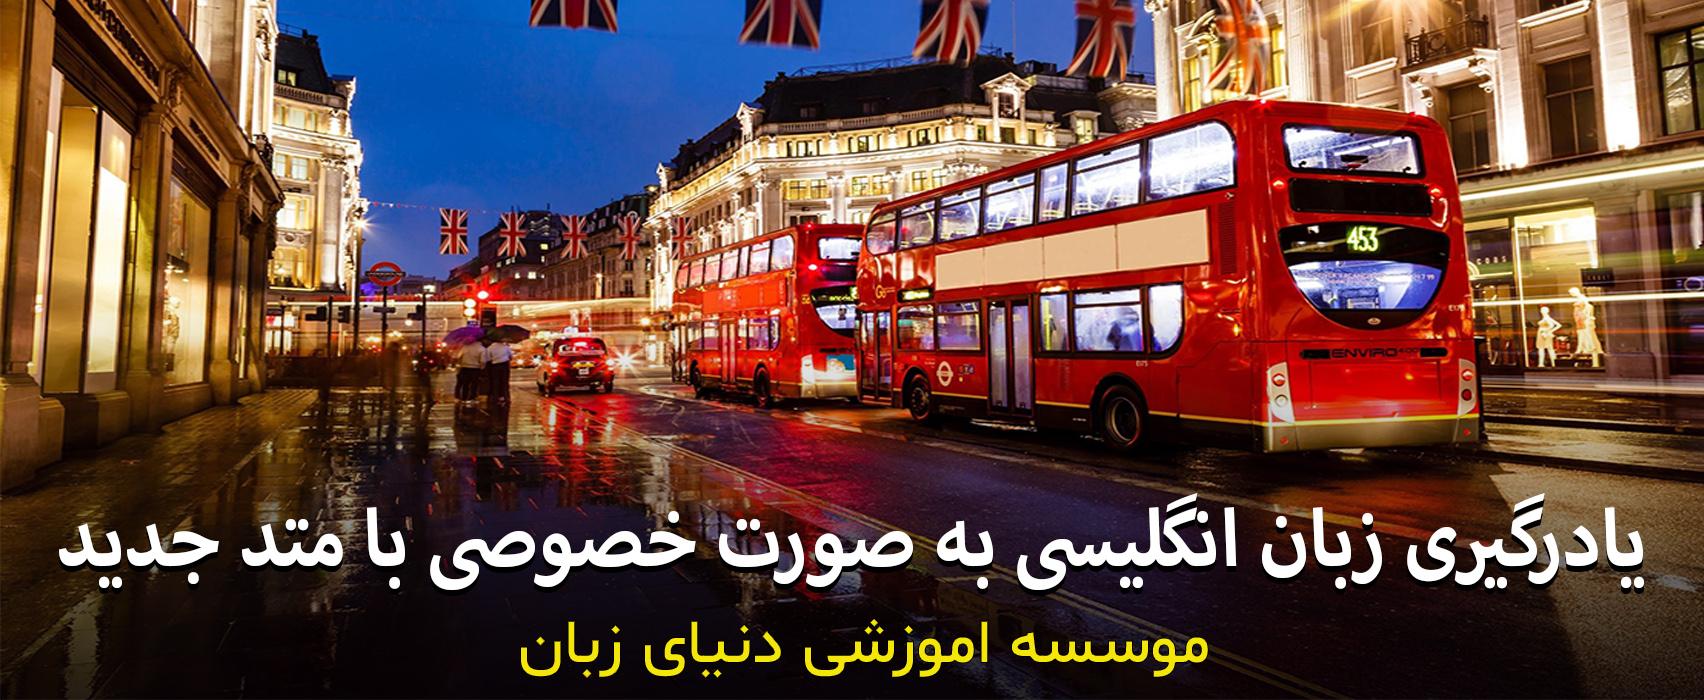 تدریس خصوصی زبان در شرق تهران